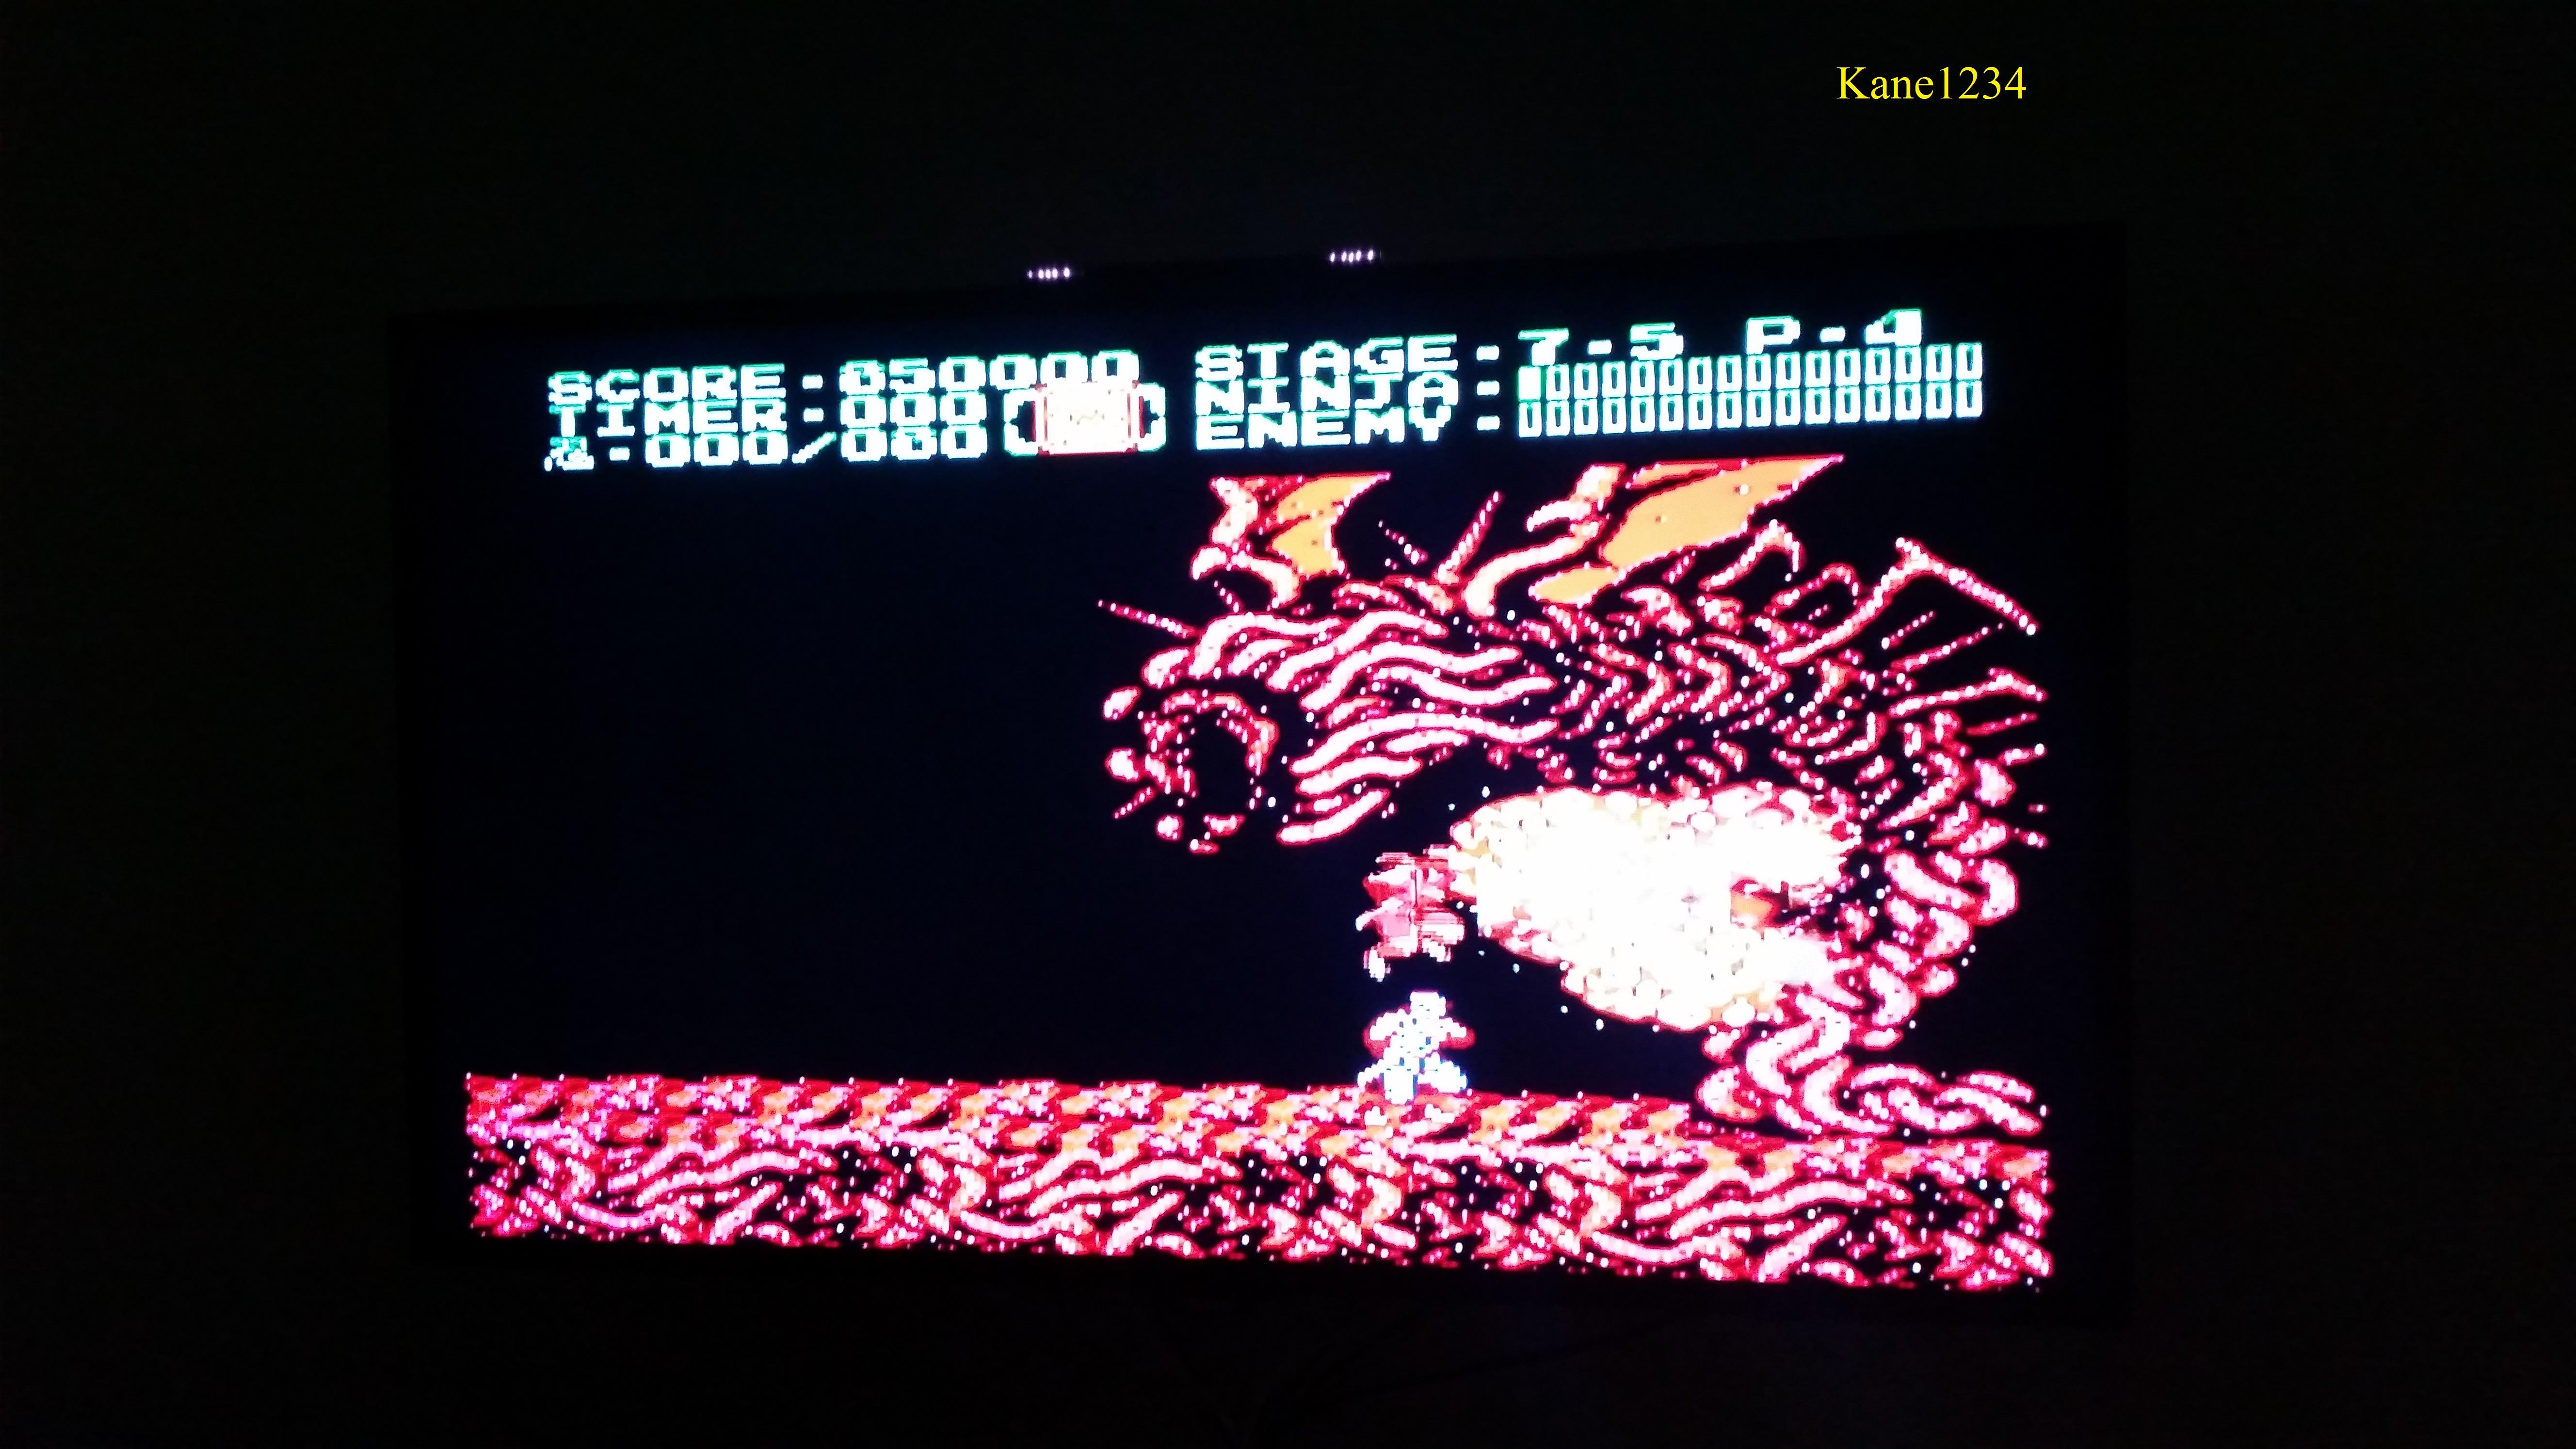 Ninja Gaiden II: The Dark Sword of Chaos 850,000 points